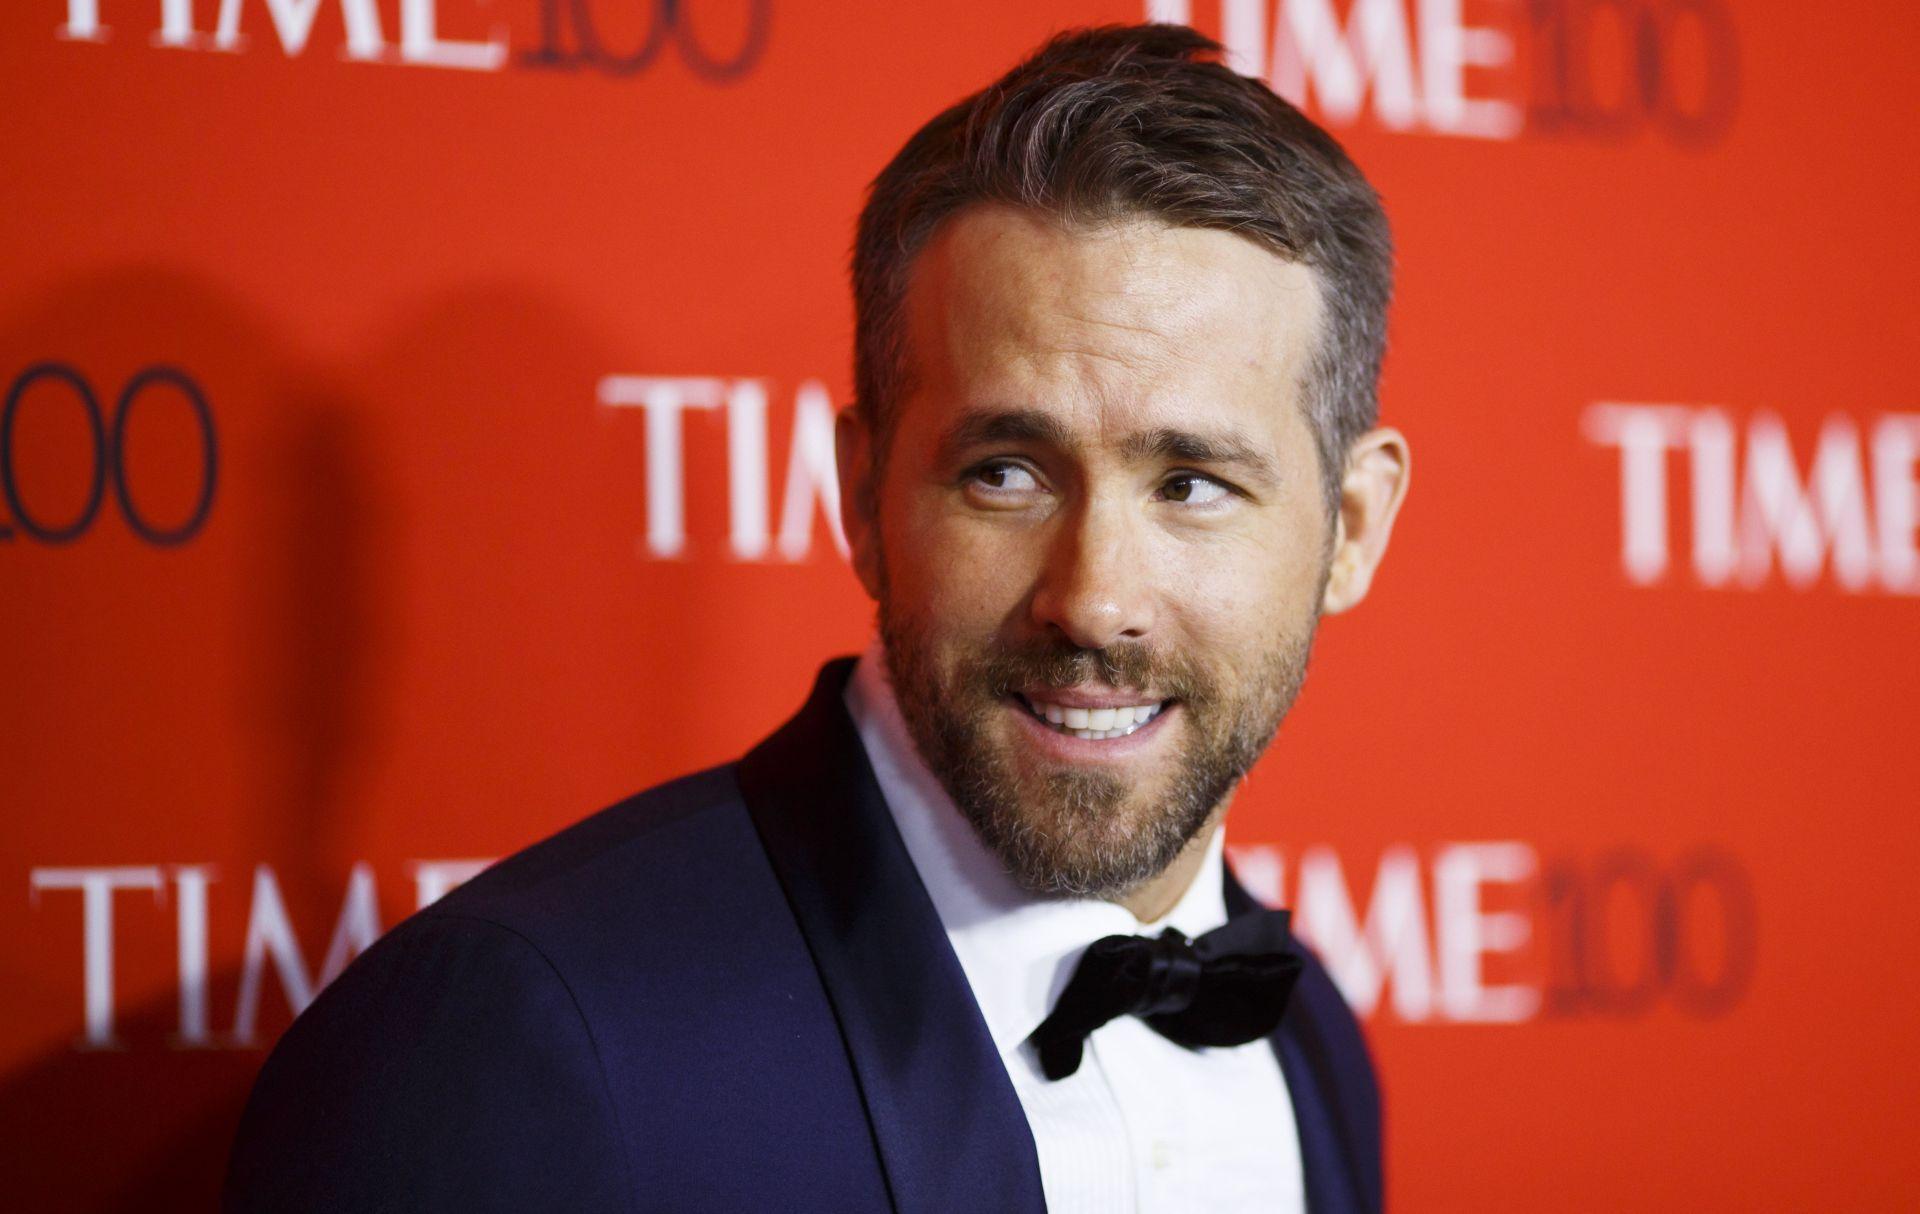 Gala de la revista Time con las 100 personas más influyentes del mundo